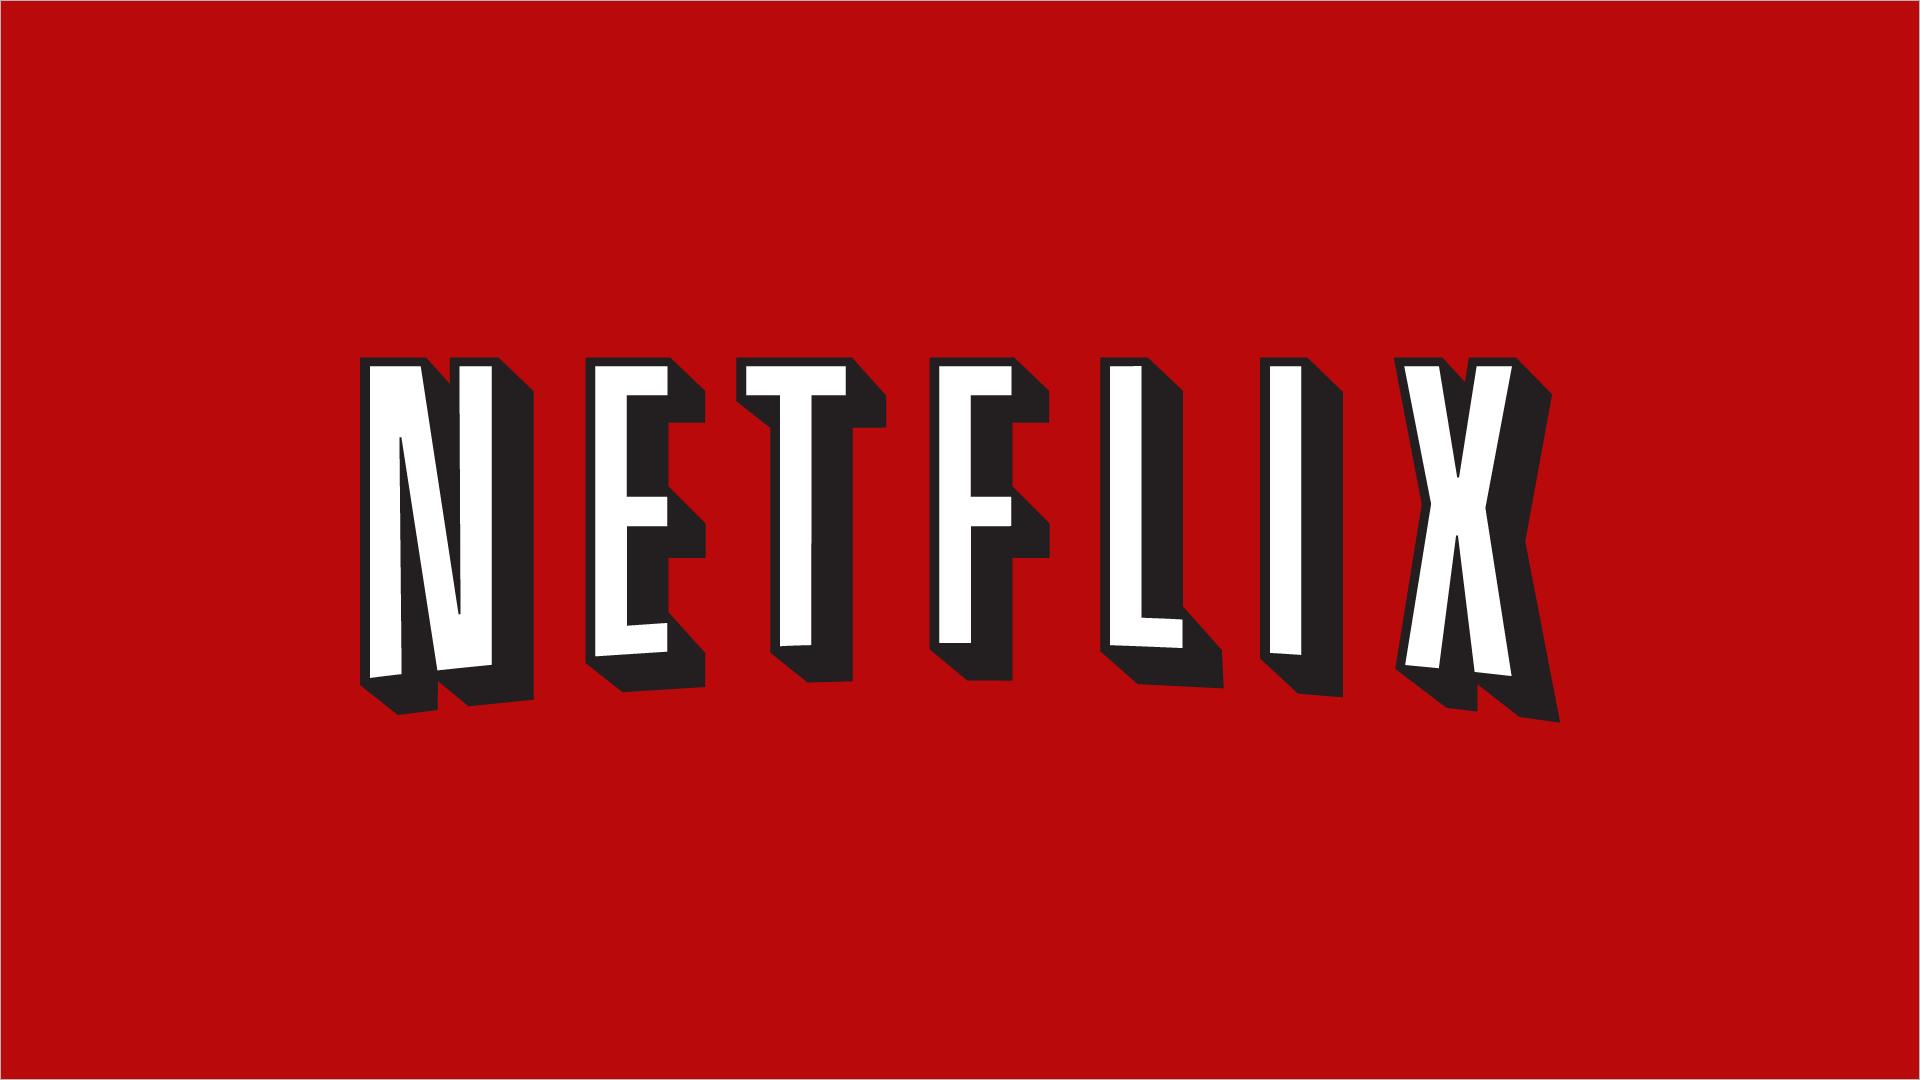 Netflix logo Wallpaper